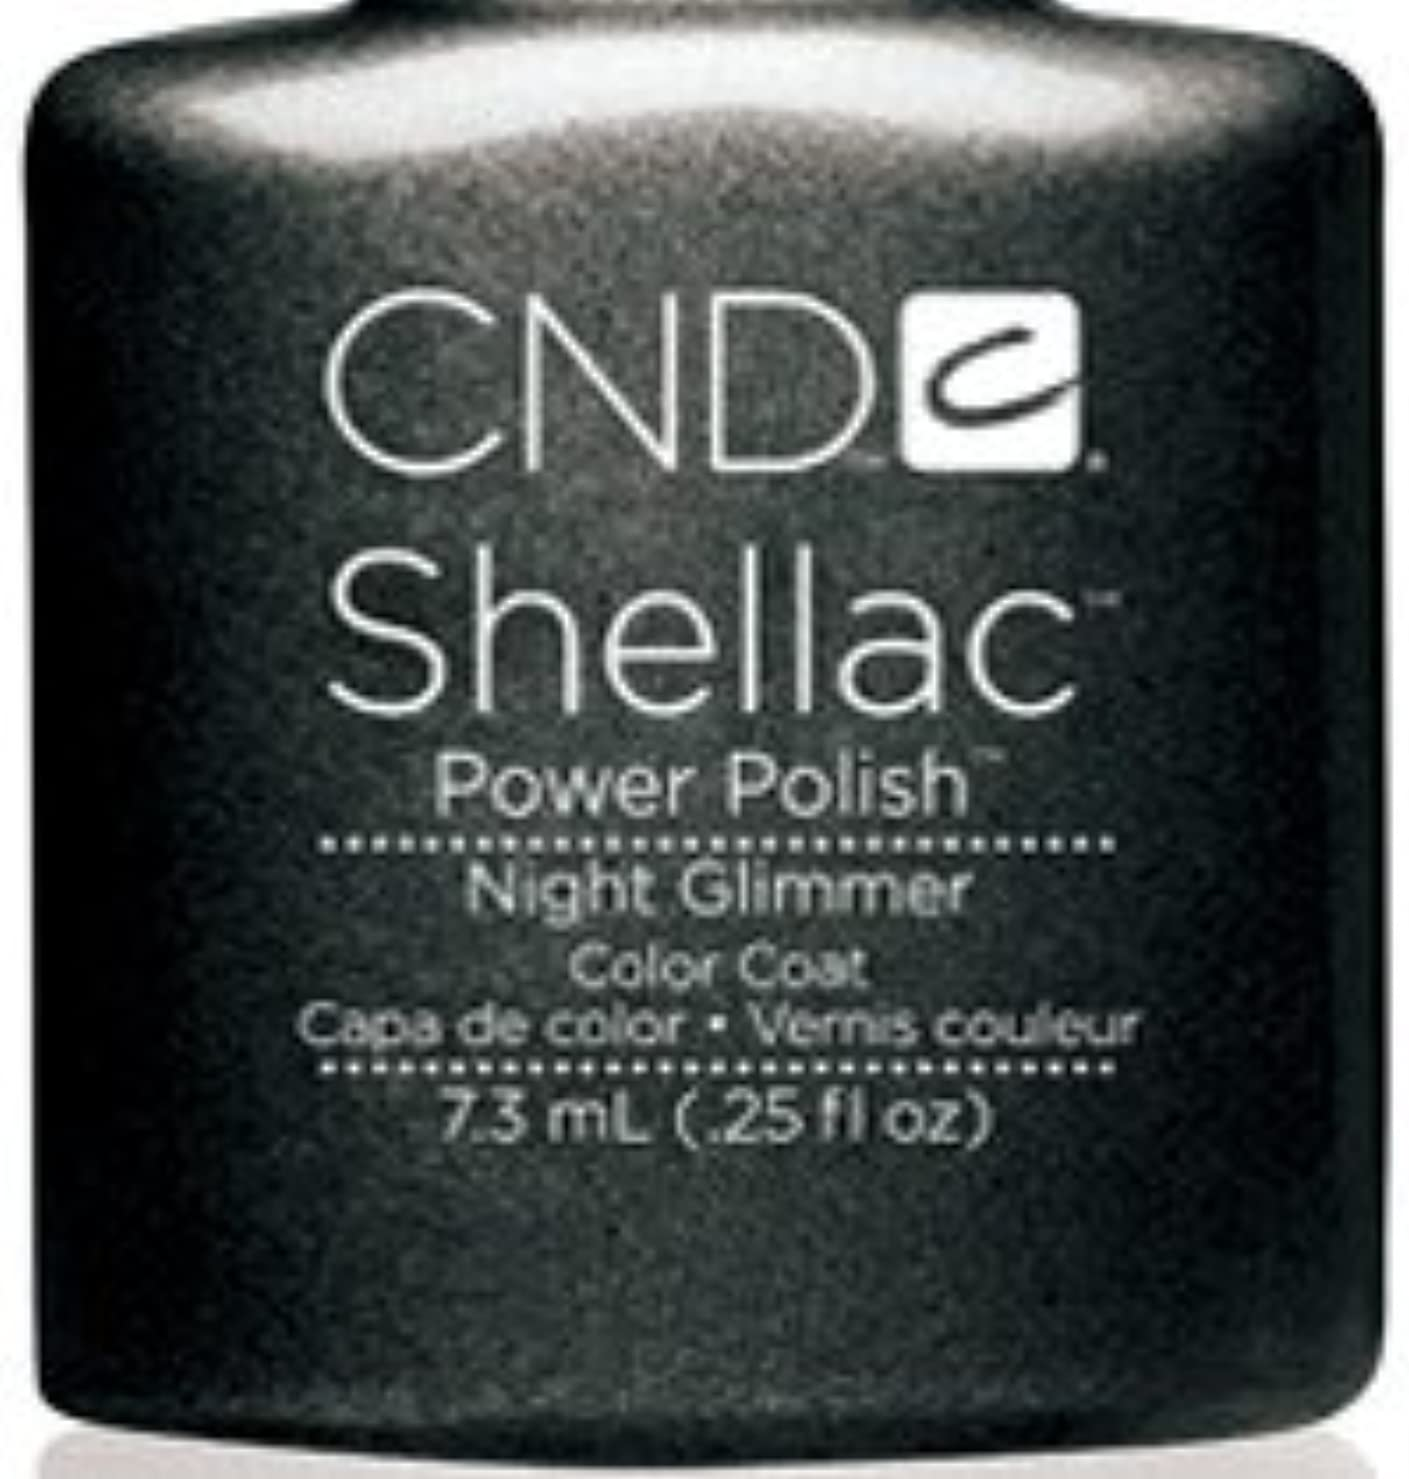 受付人工的な割り込みCND シェラック UVカラーコート 7.3ml<BR>381 ナイトグリマー